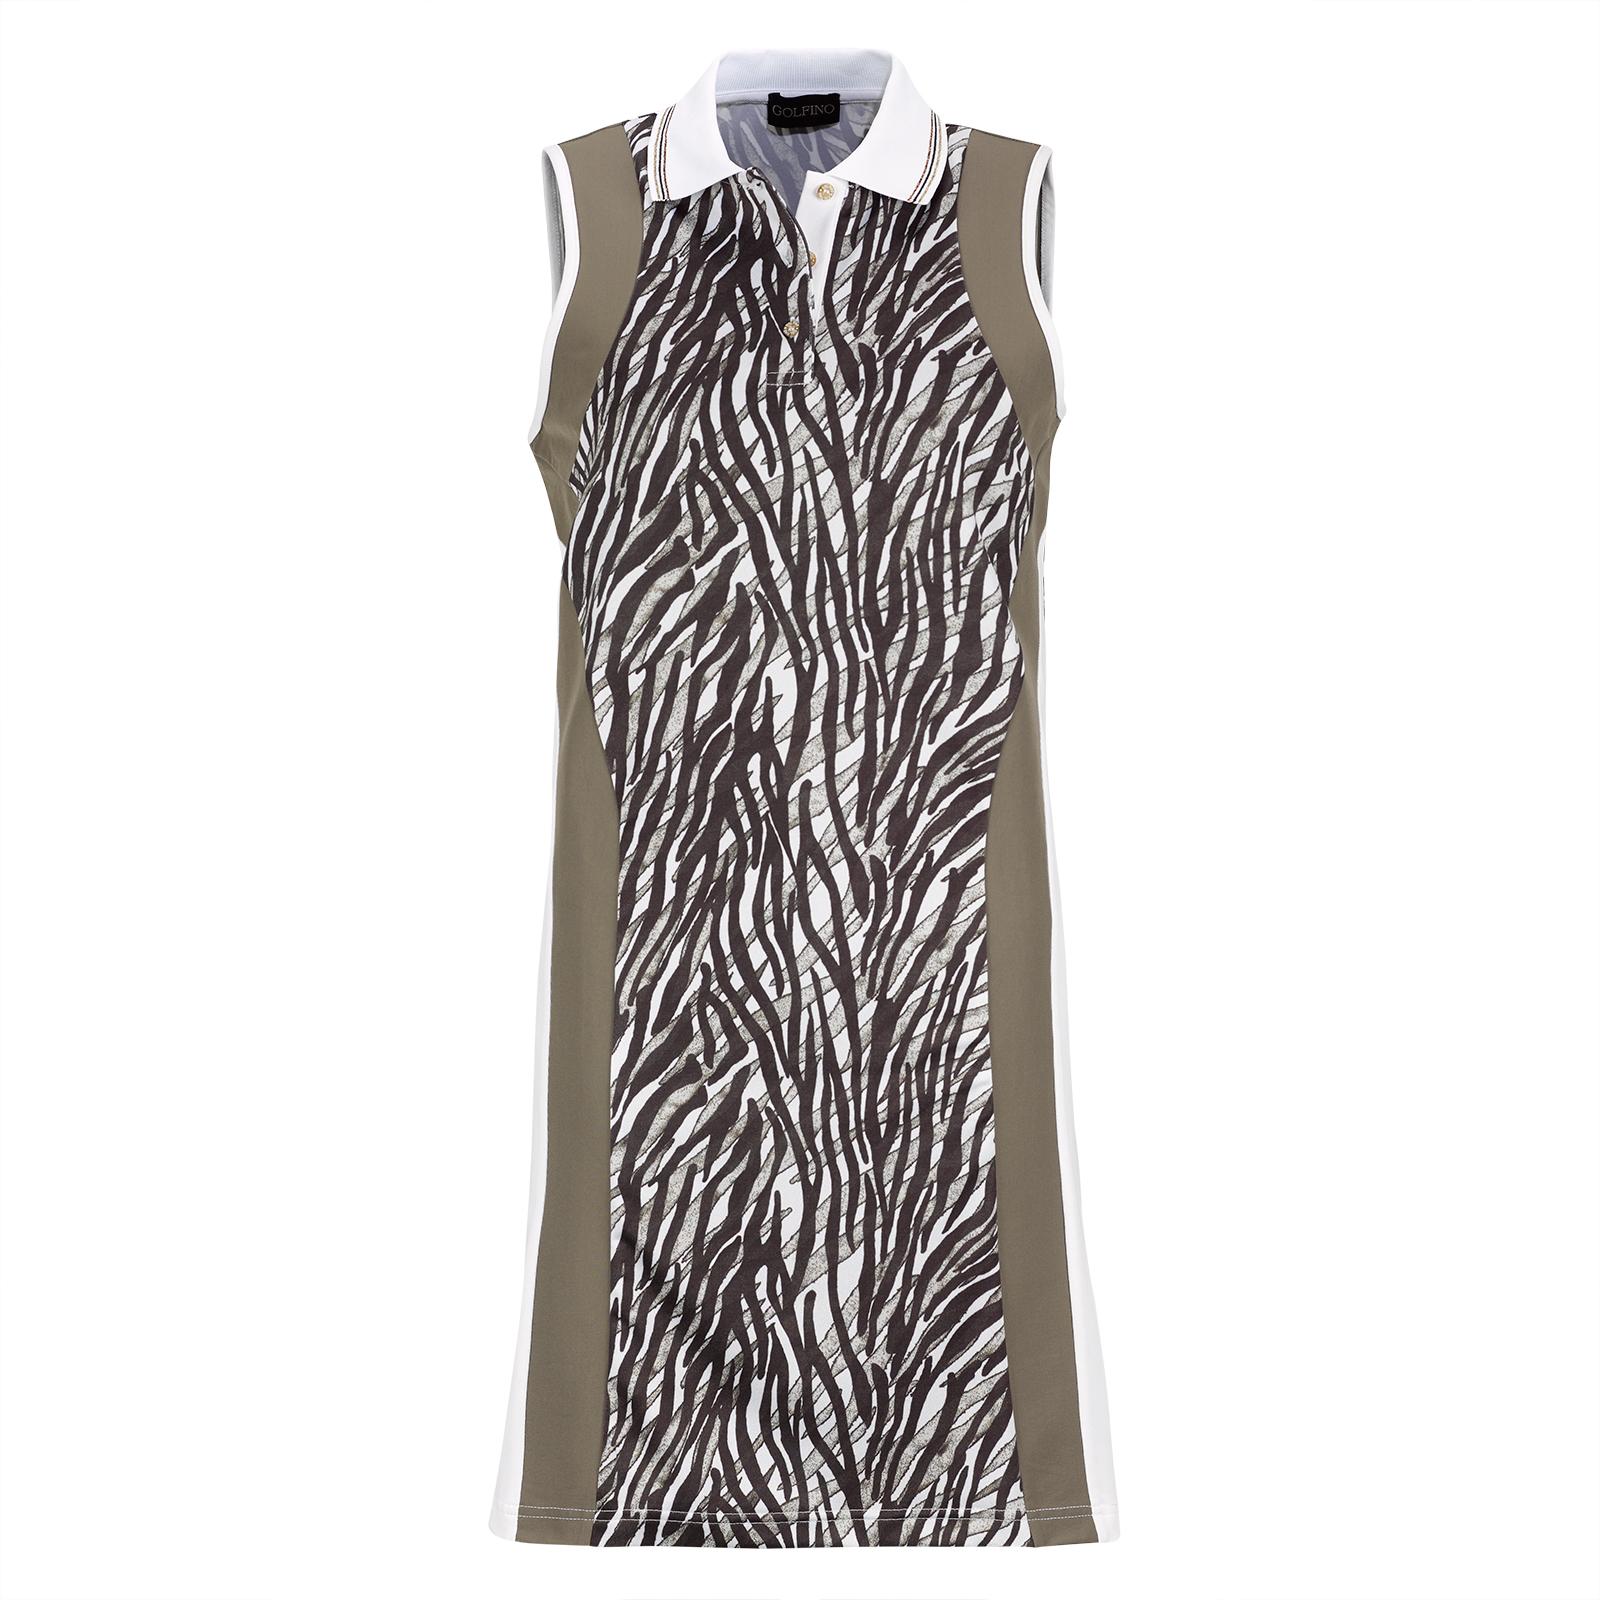 Ärmelloses Damen-Golfkleid mit Print und elastischen Spieleigenschaften